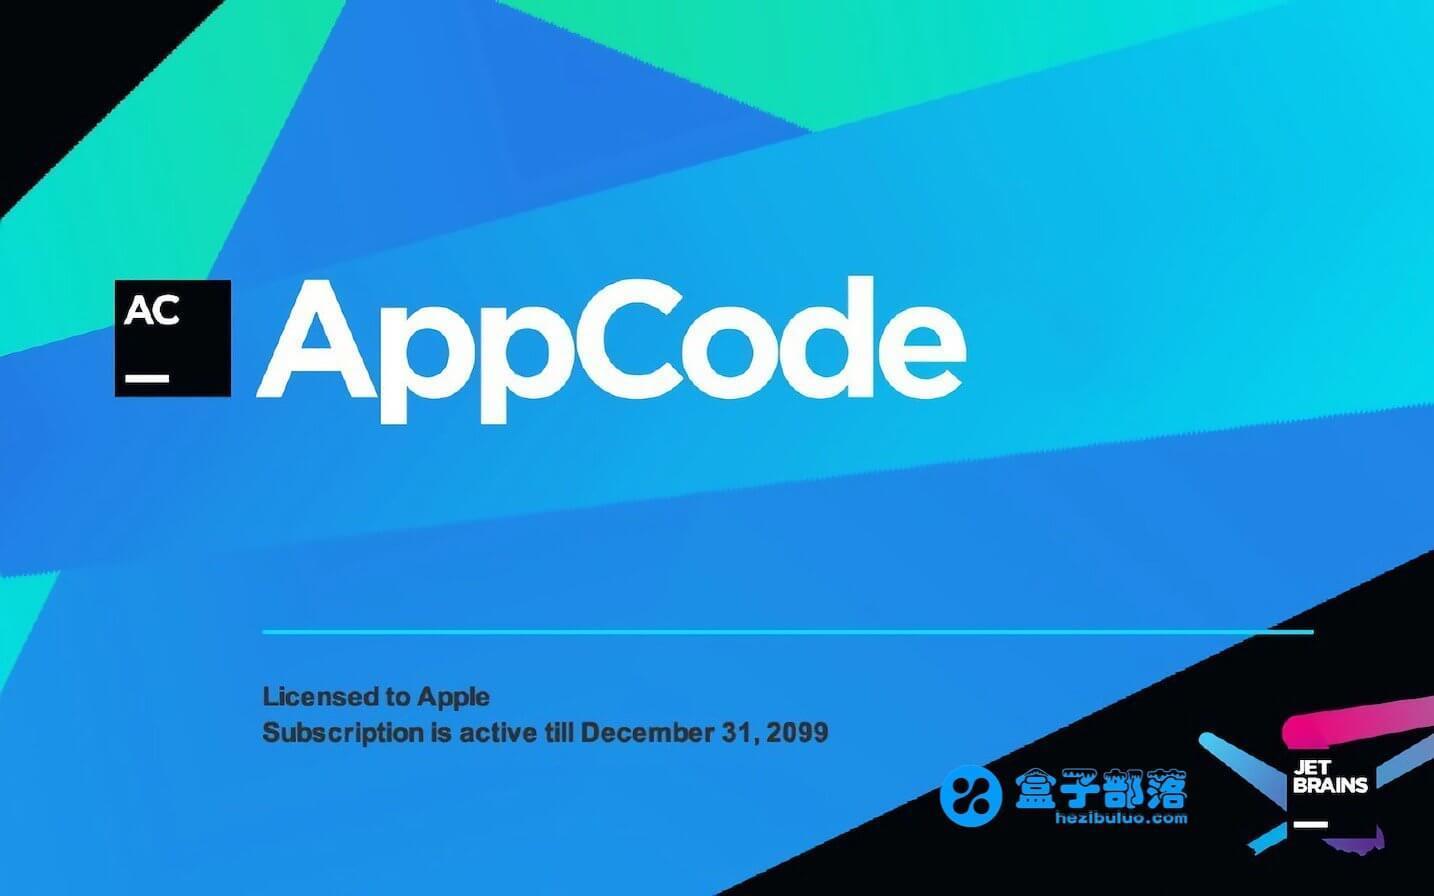 AppCode 2018.1.4 全新的 Objective-C 的集成开发环境